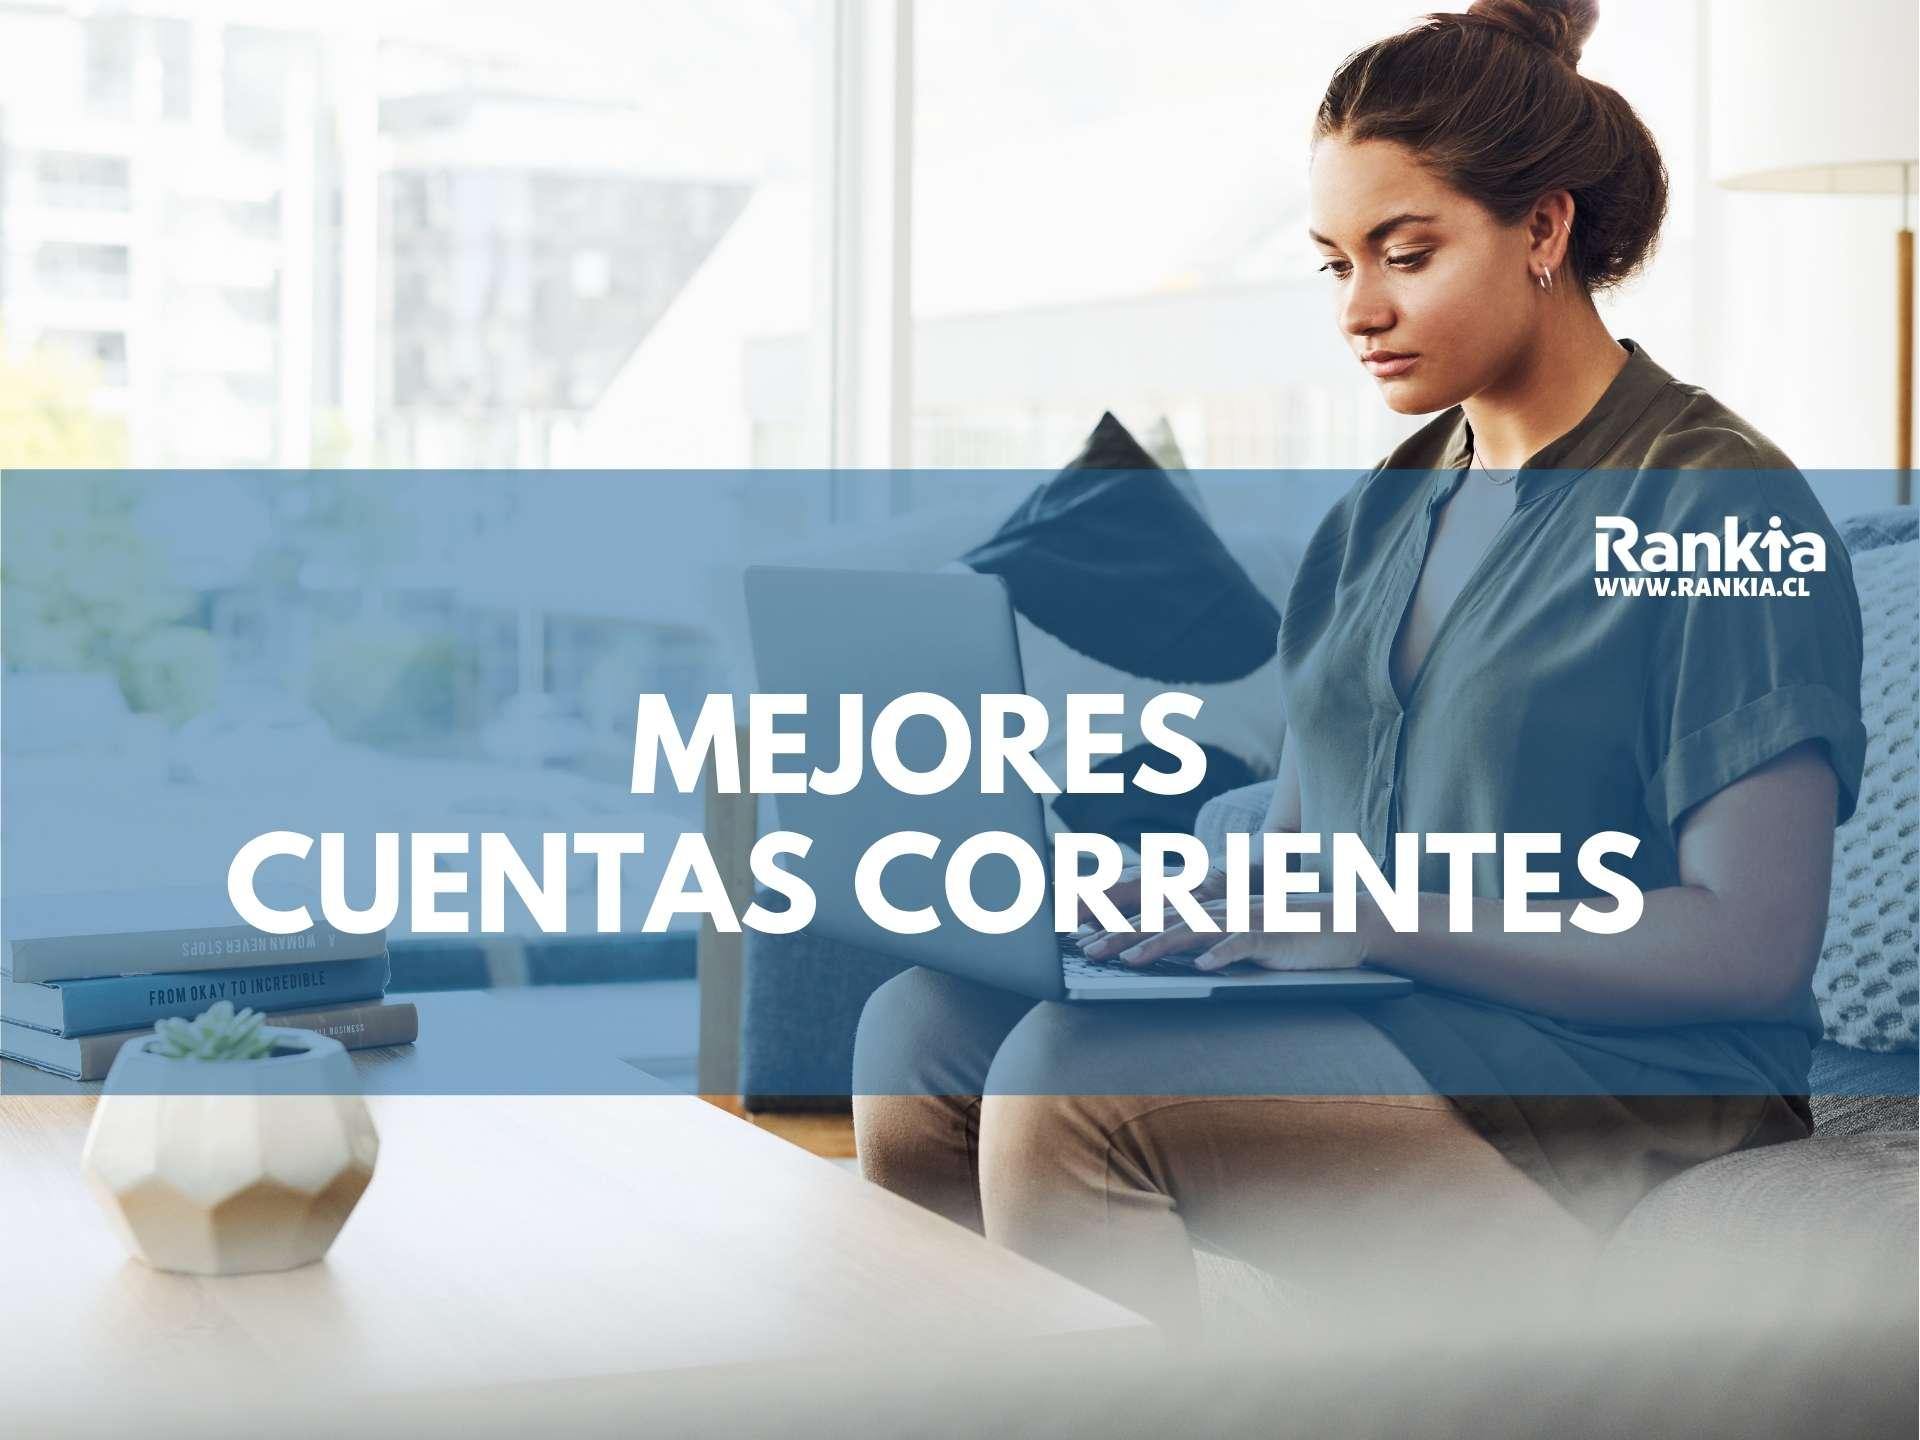 Comaprativa de cuentas corrientes en Chile